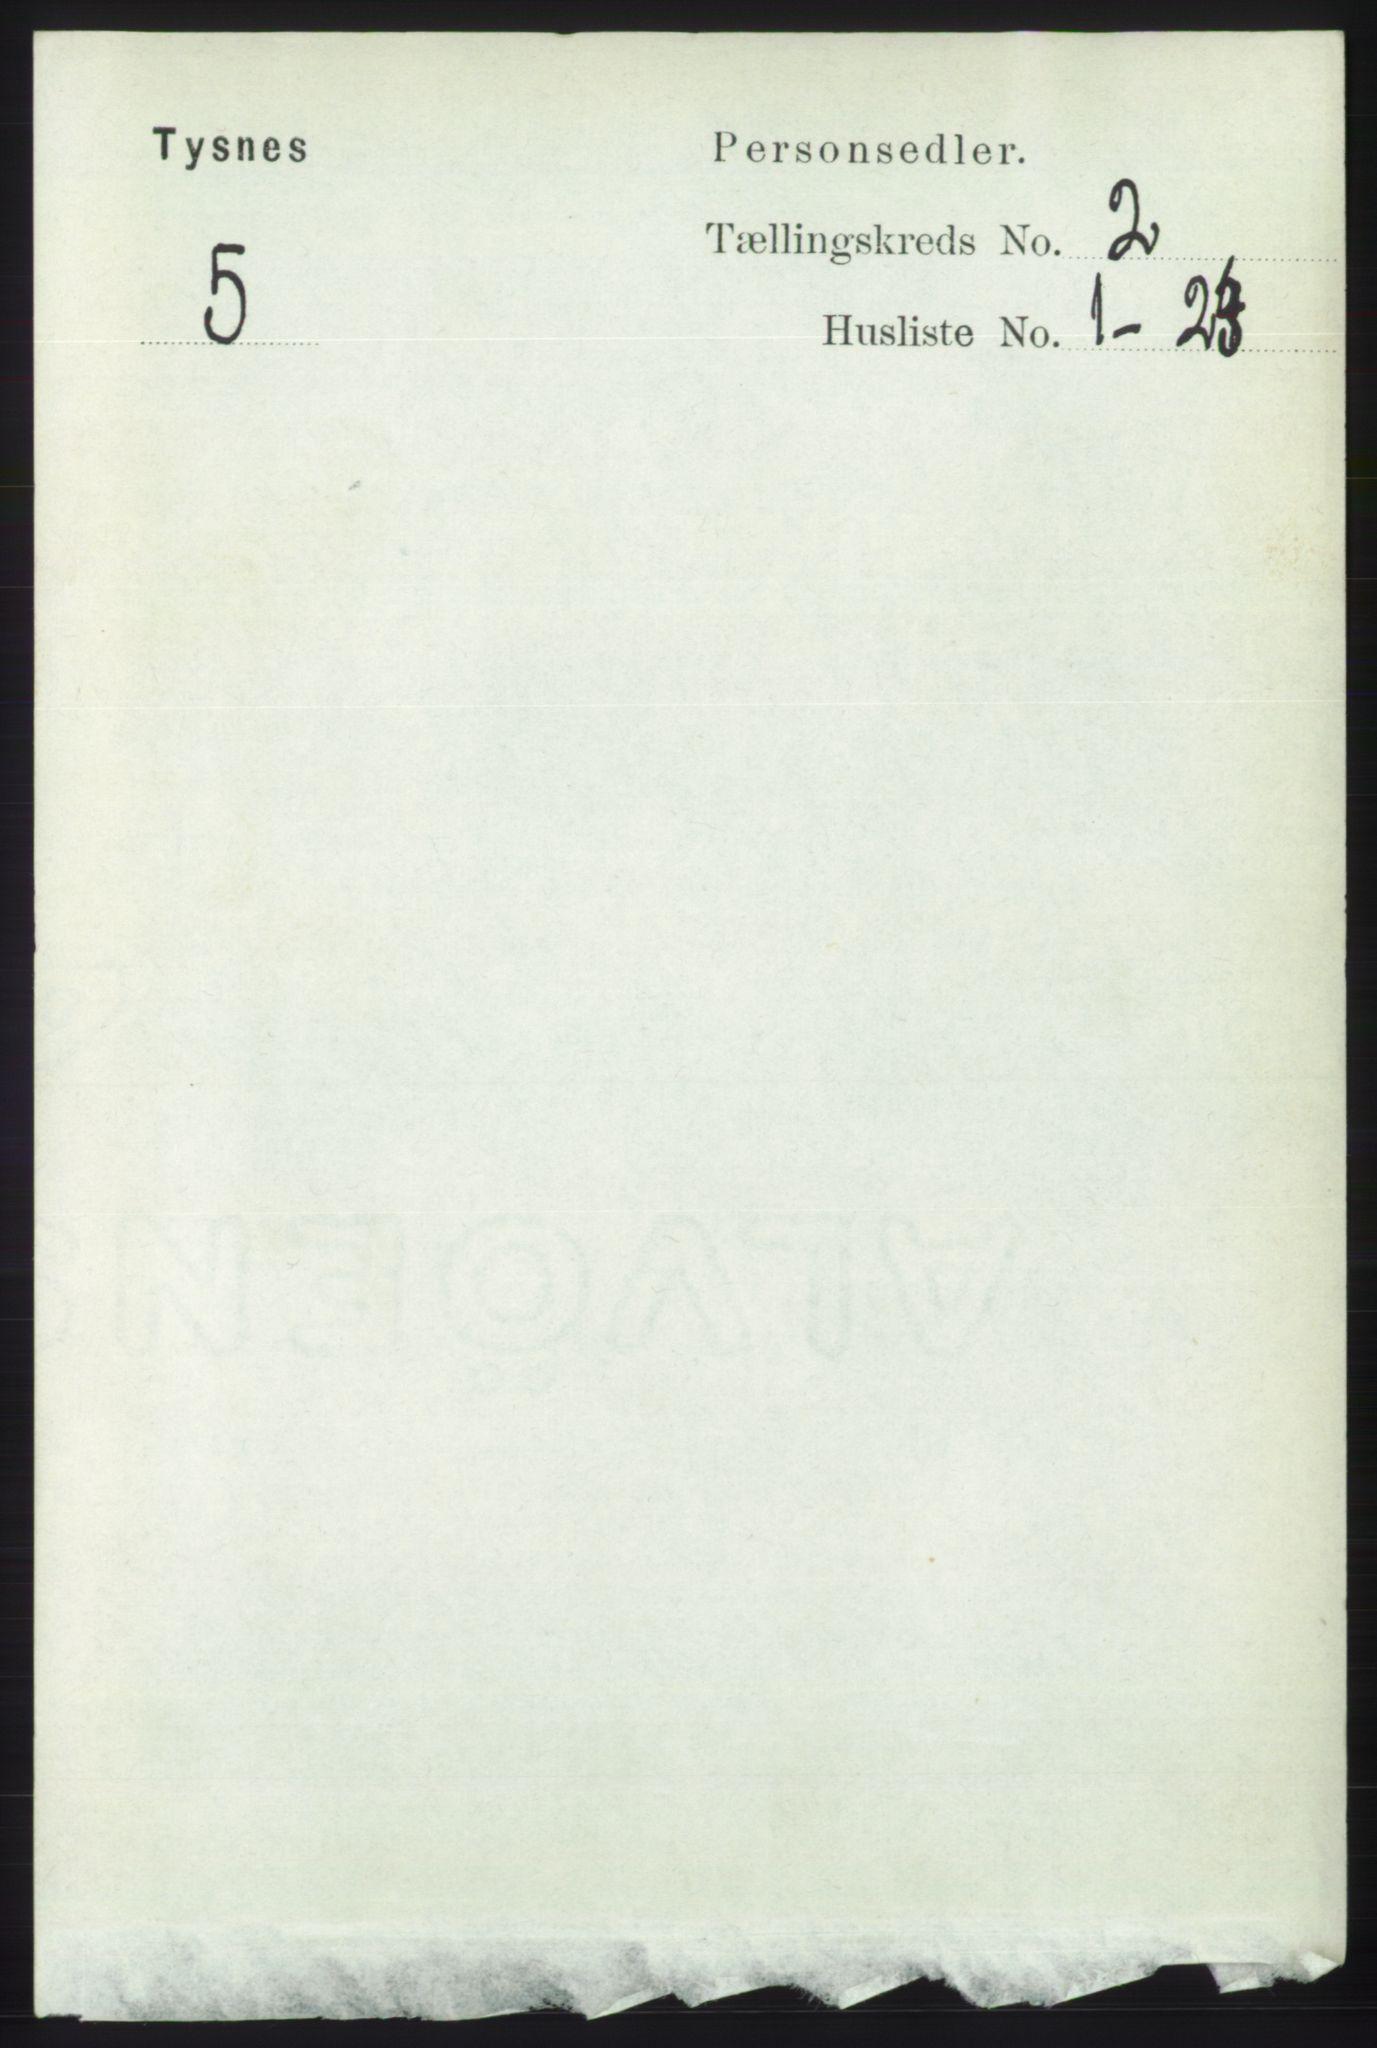 RA, Folketelling 1891 for 1223 Tysnes herred, 1891, s. 445